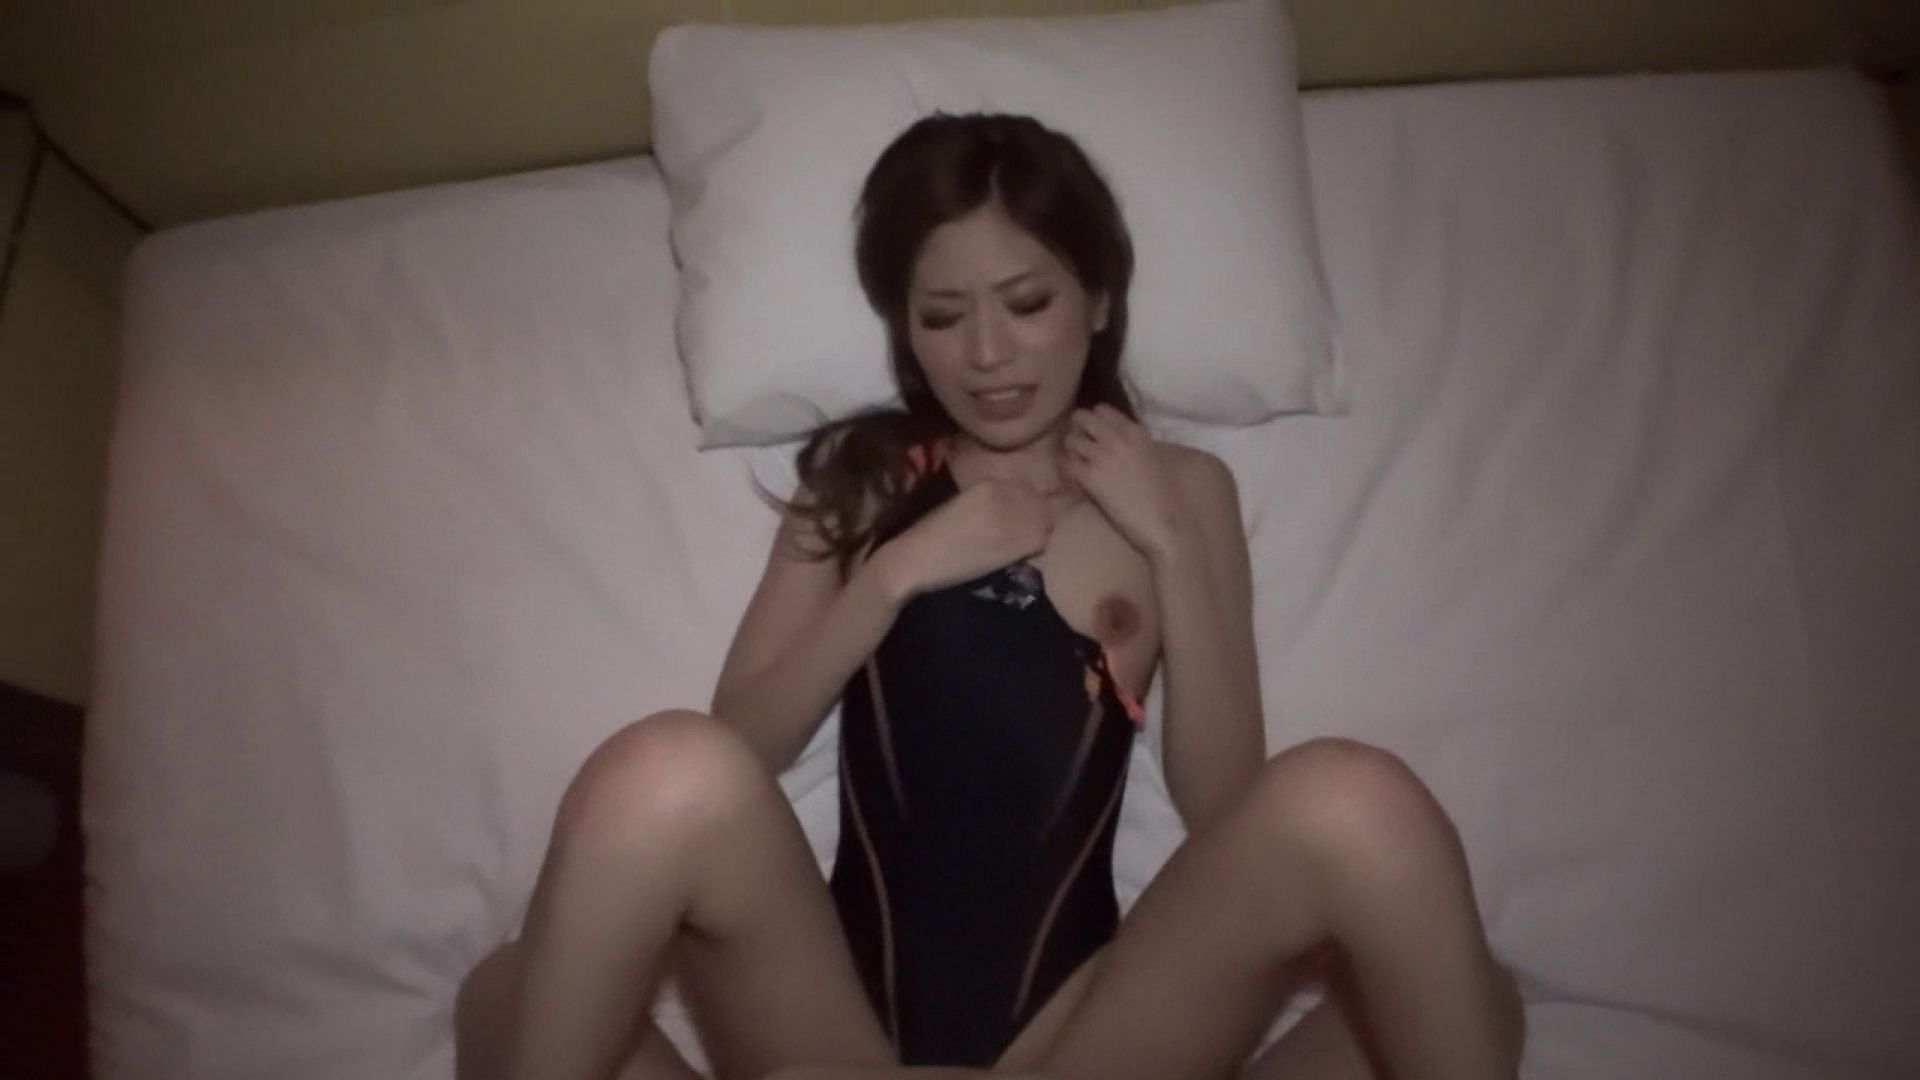 変態ギャル姫のH Vol.18 後編 手マンエロ画像 盗撮AV動画キャプチャ 54PICs 53